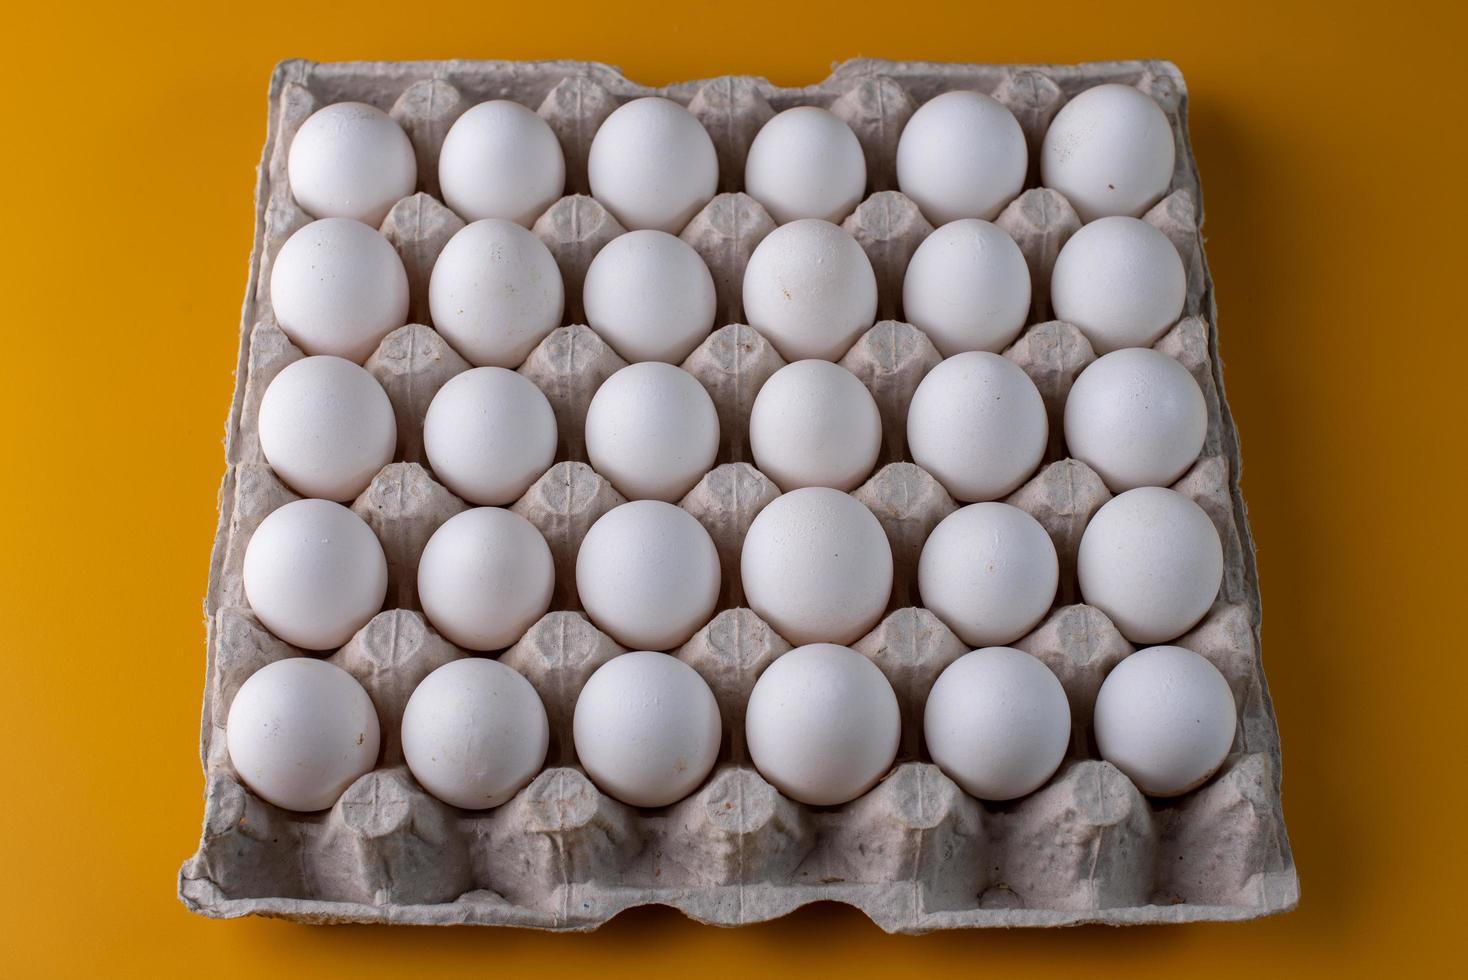 White eggs on yellow background photo